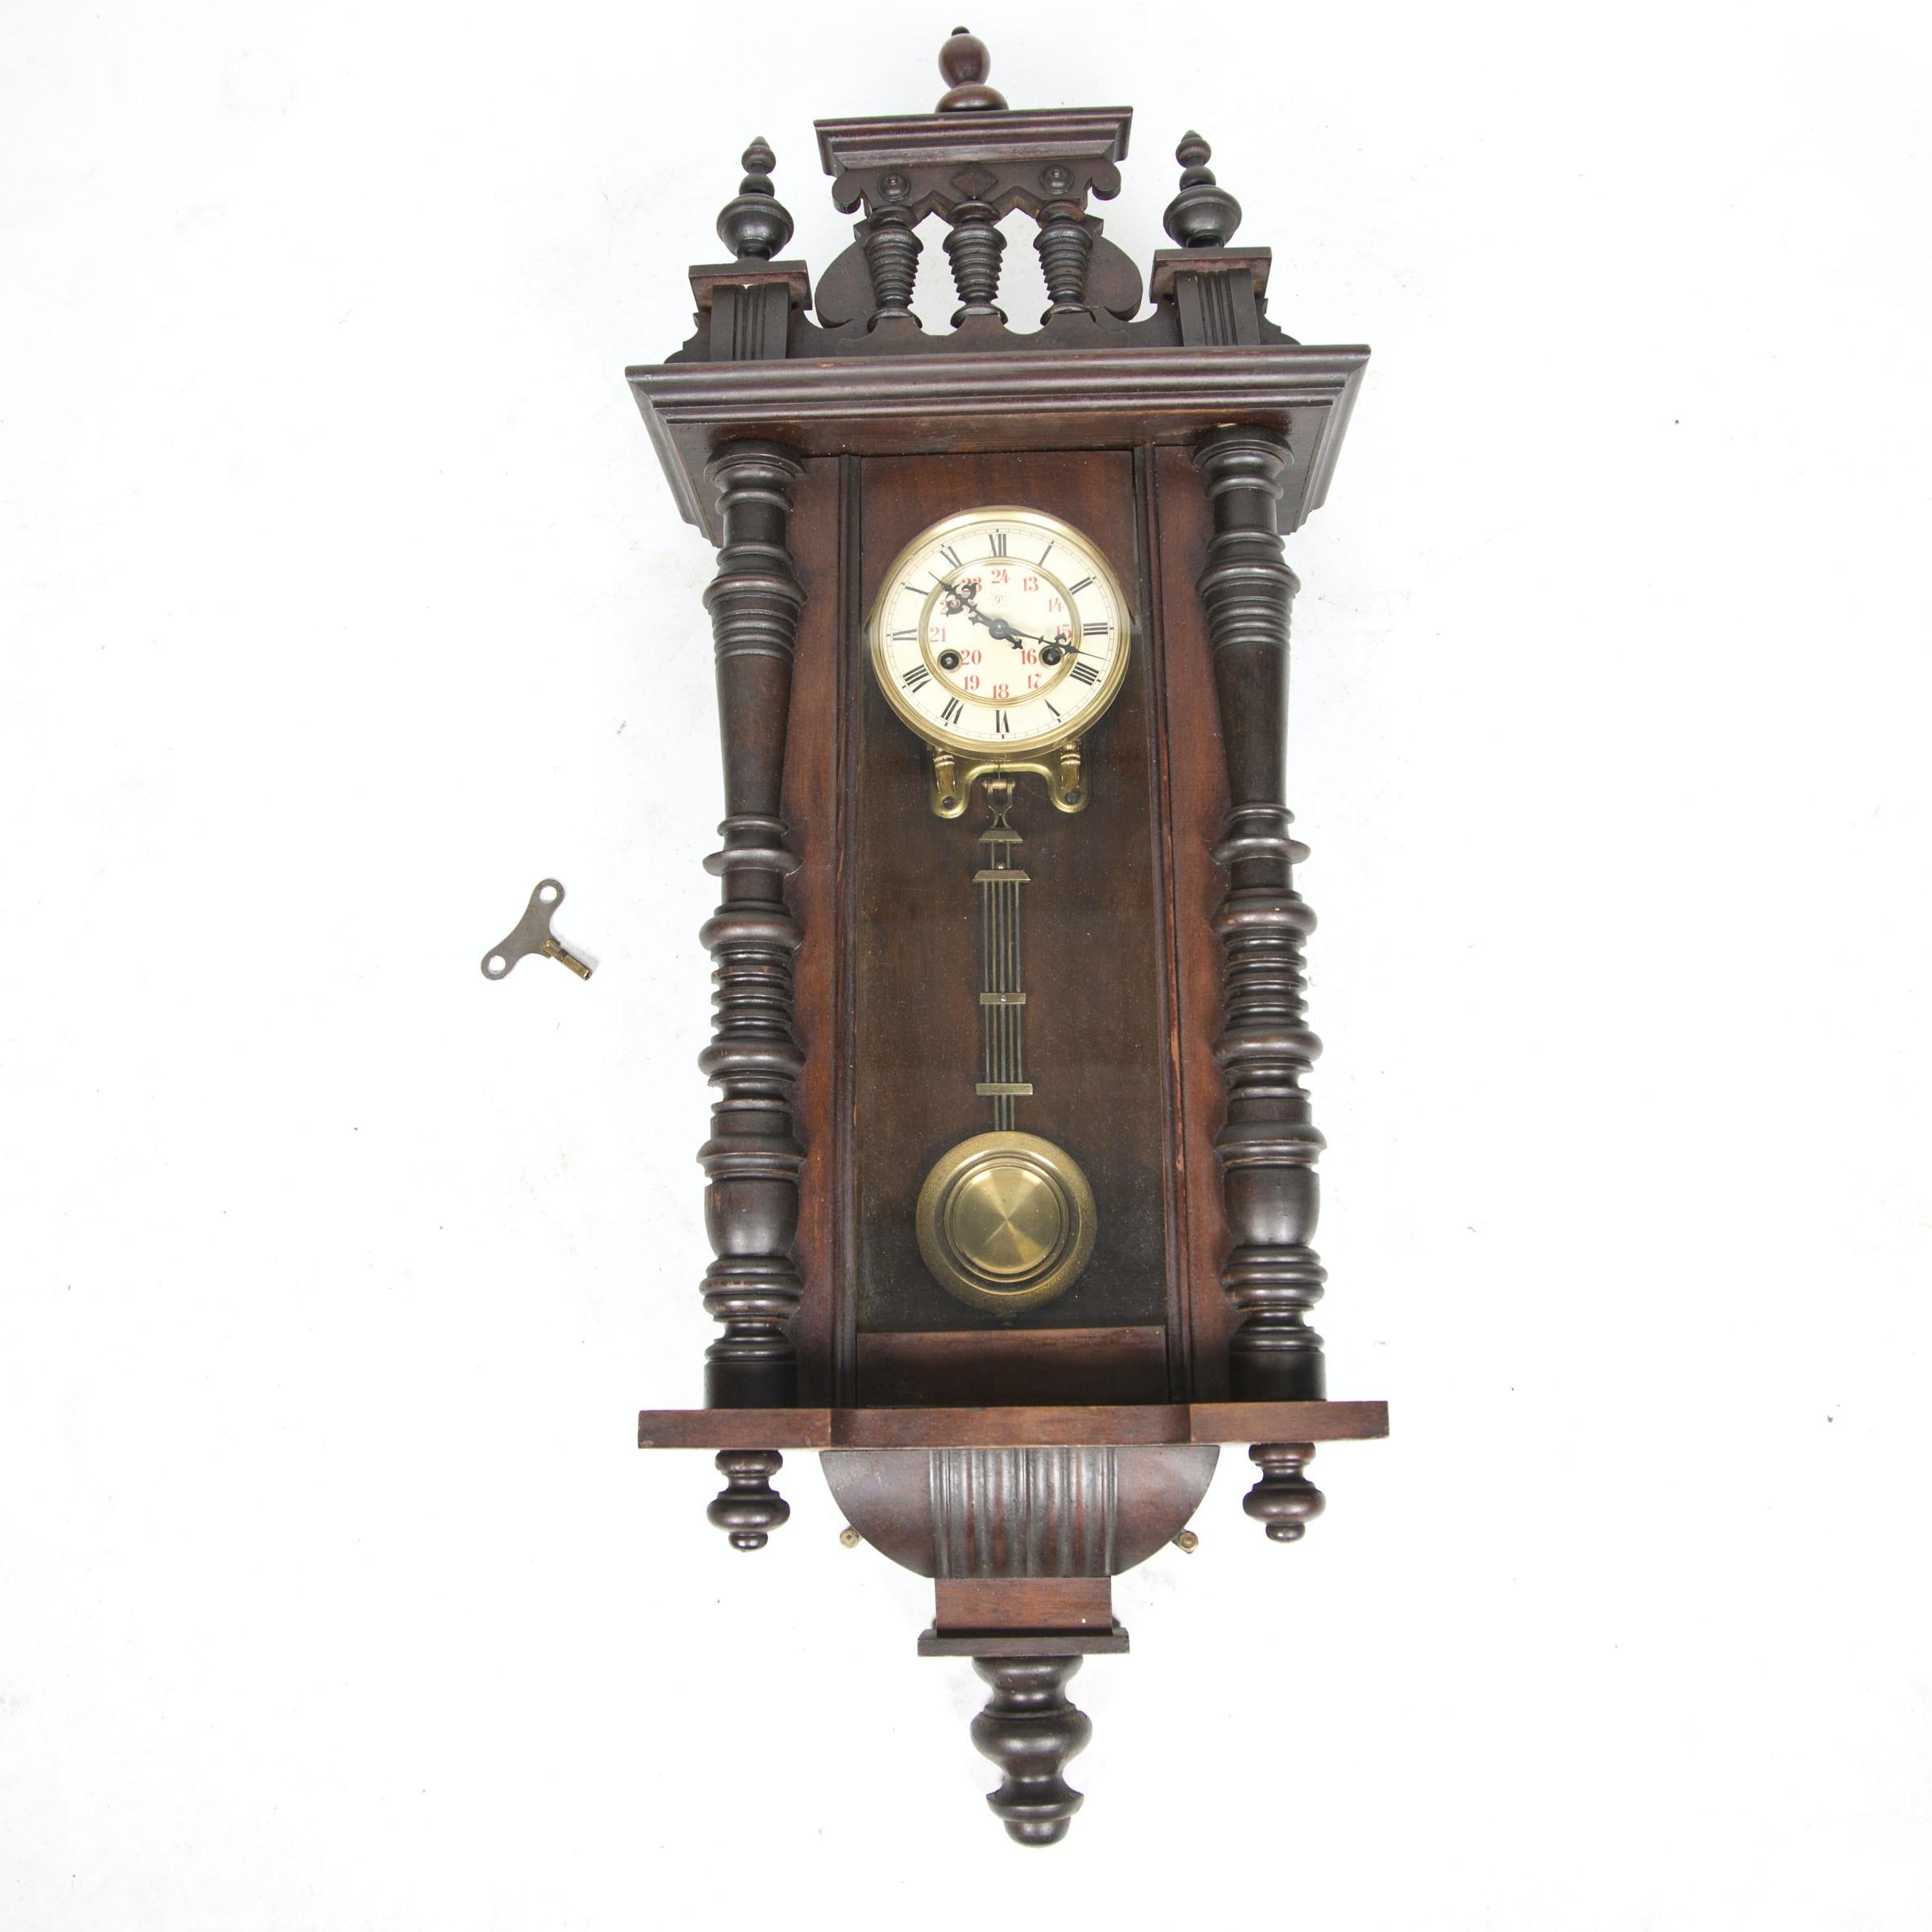 Vintage Wood-Cased Pendulum Wall Clock